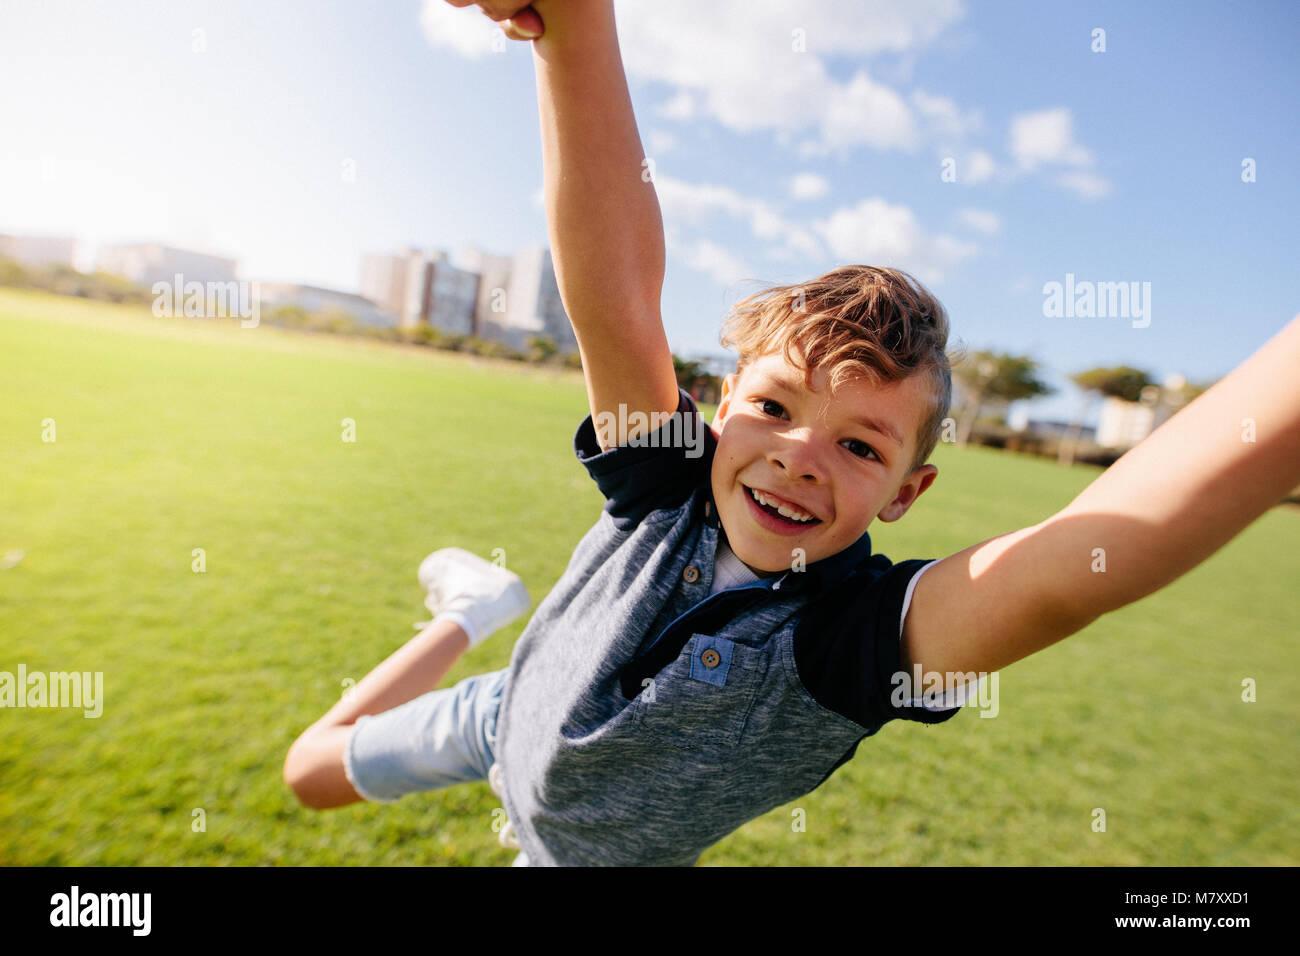 Close up di un ragazzo di saltare in aria a un parco. Allegro ragazzo gode di essere sollevata in aria durante il Immagini Stock